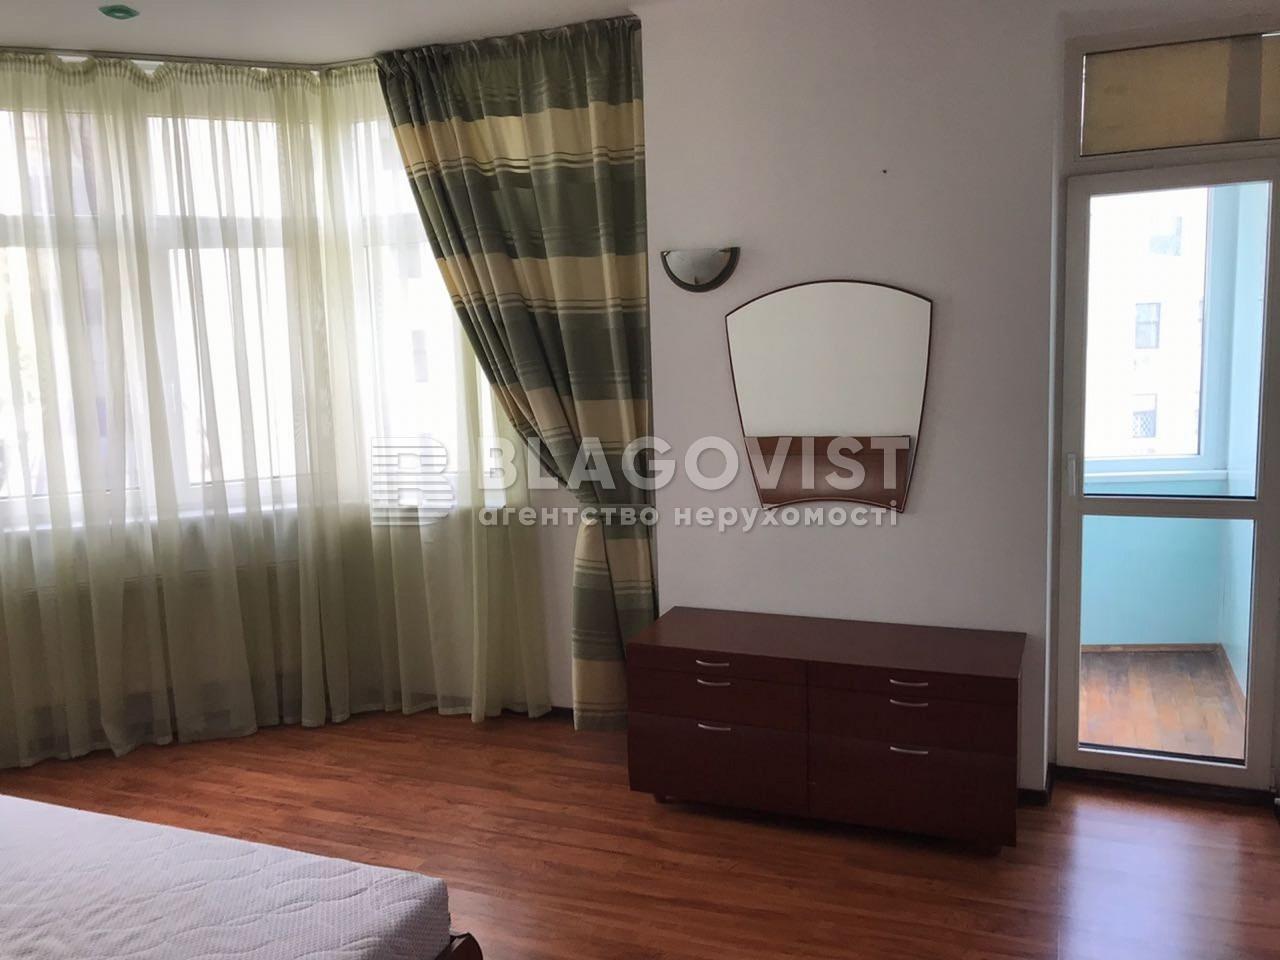 Квартира R-20031, Коновальца Евгения (Щорса), 36б, Киев - Фото 8